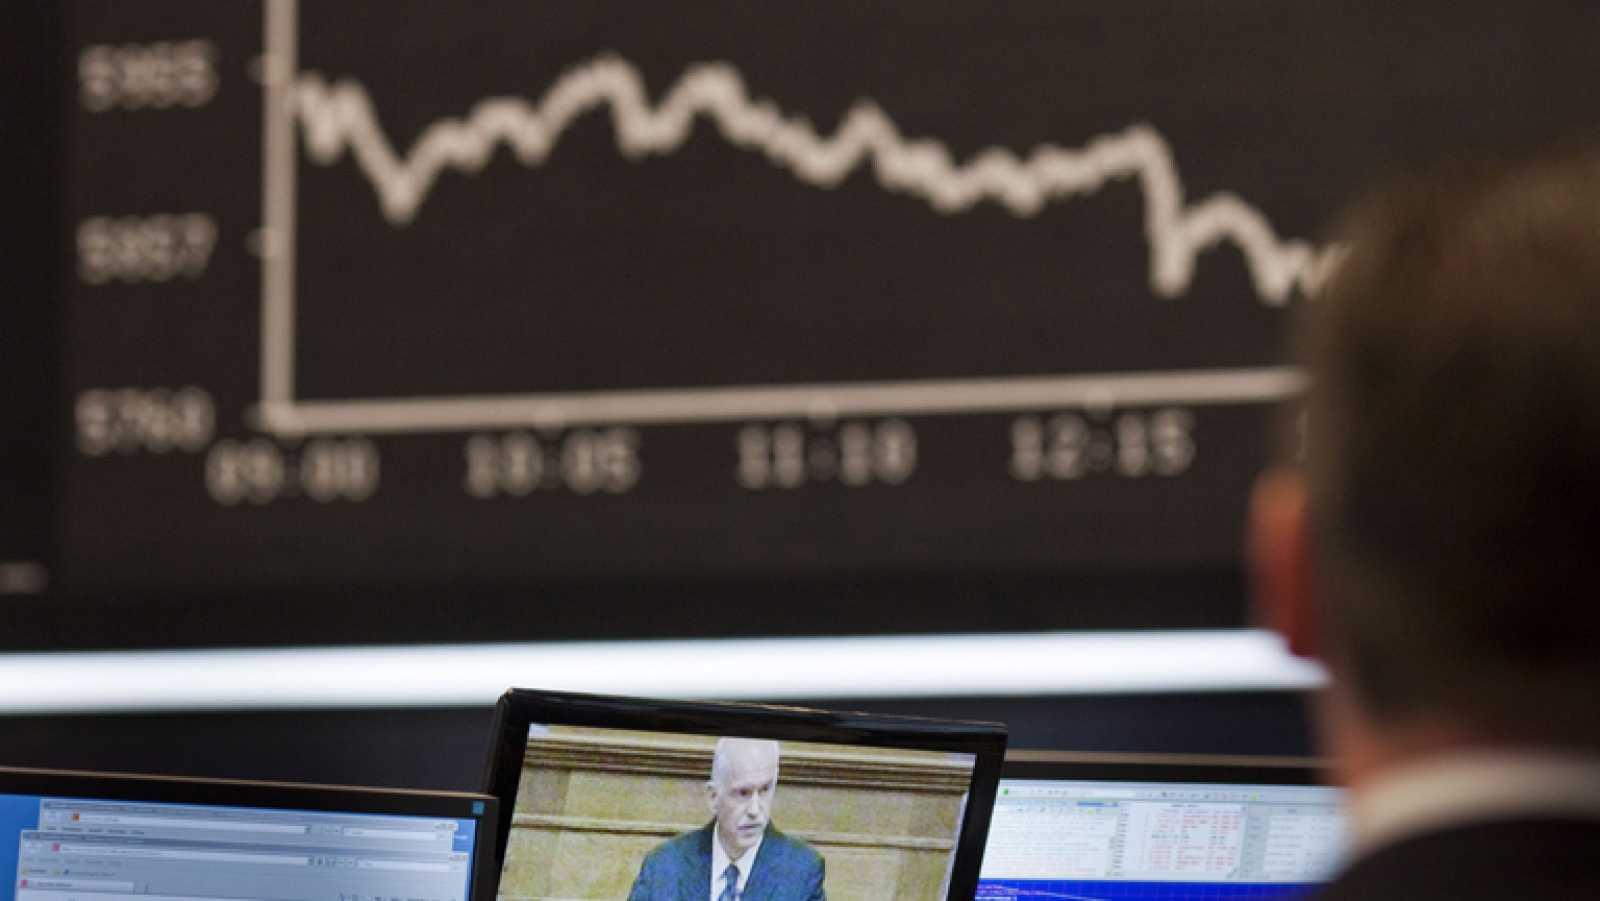 El anuncio del referendum griego provoca un desplome de las bolsas europeas